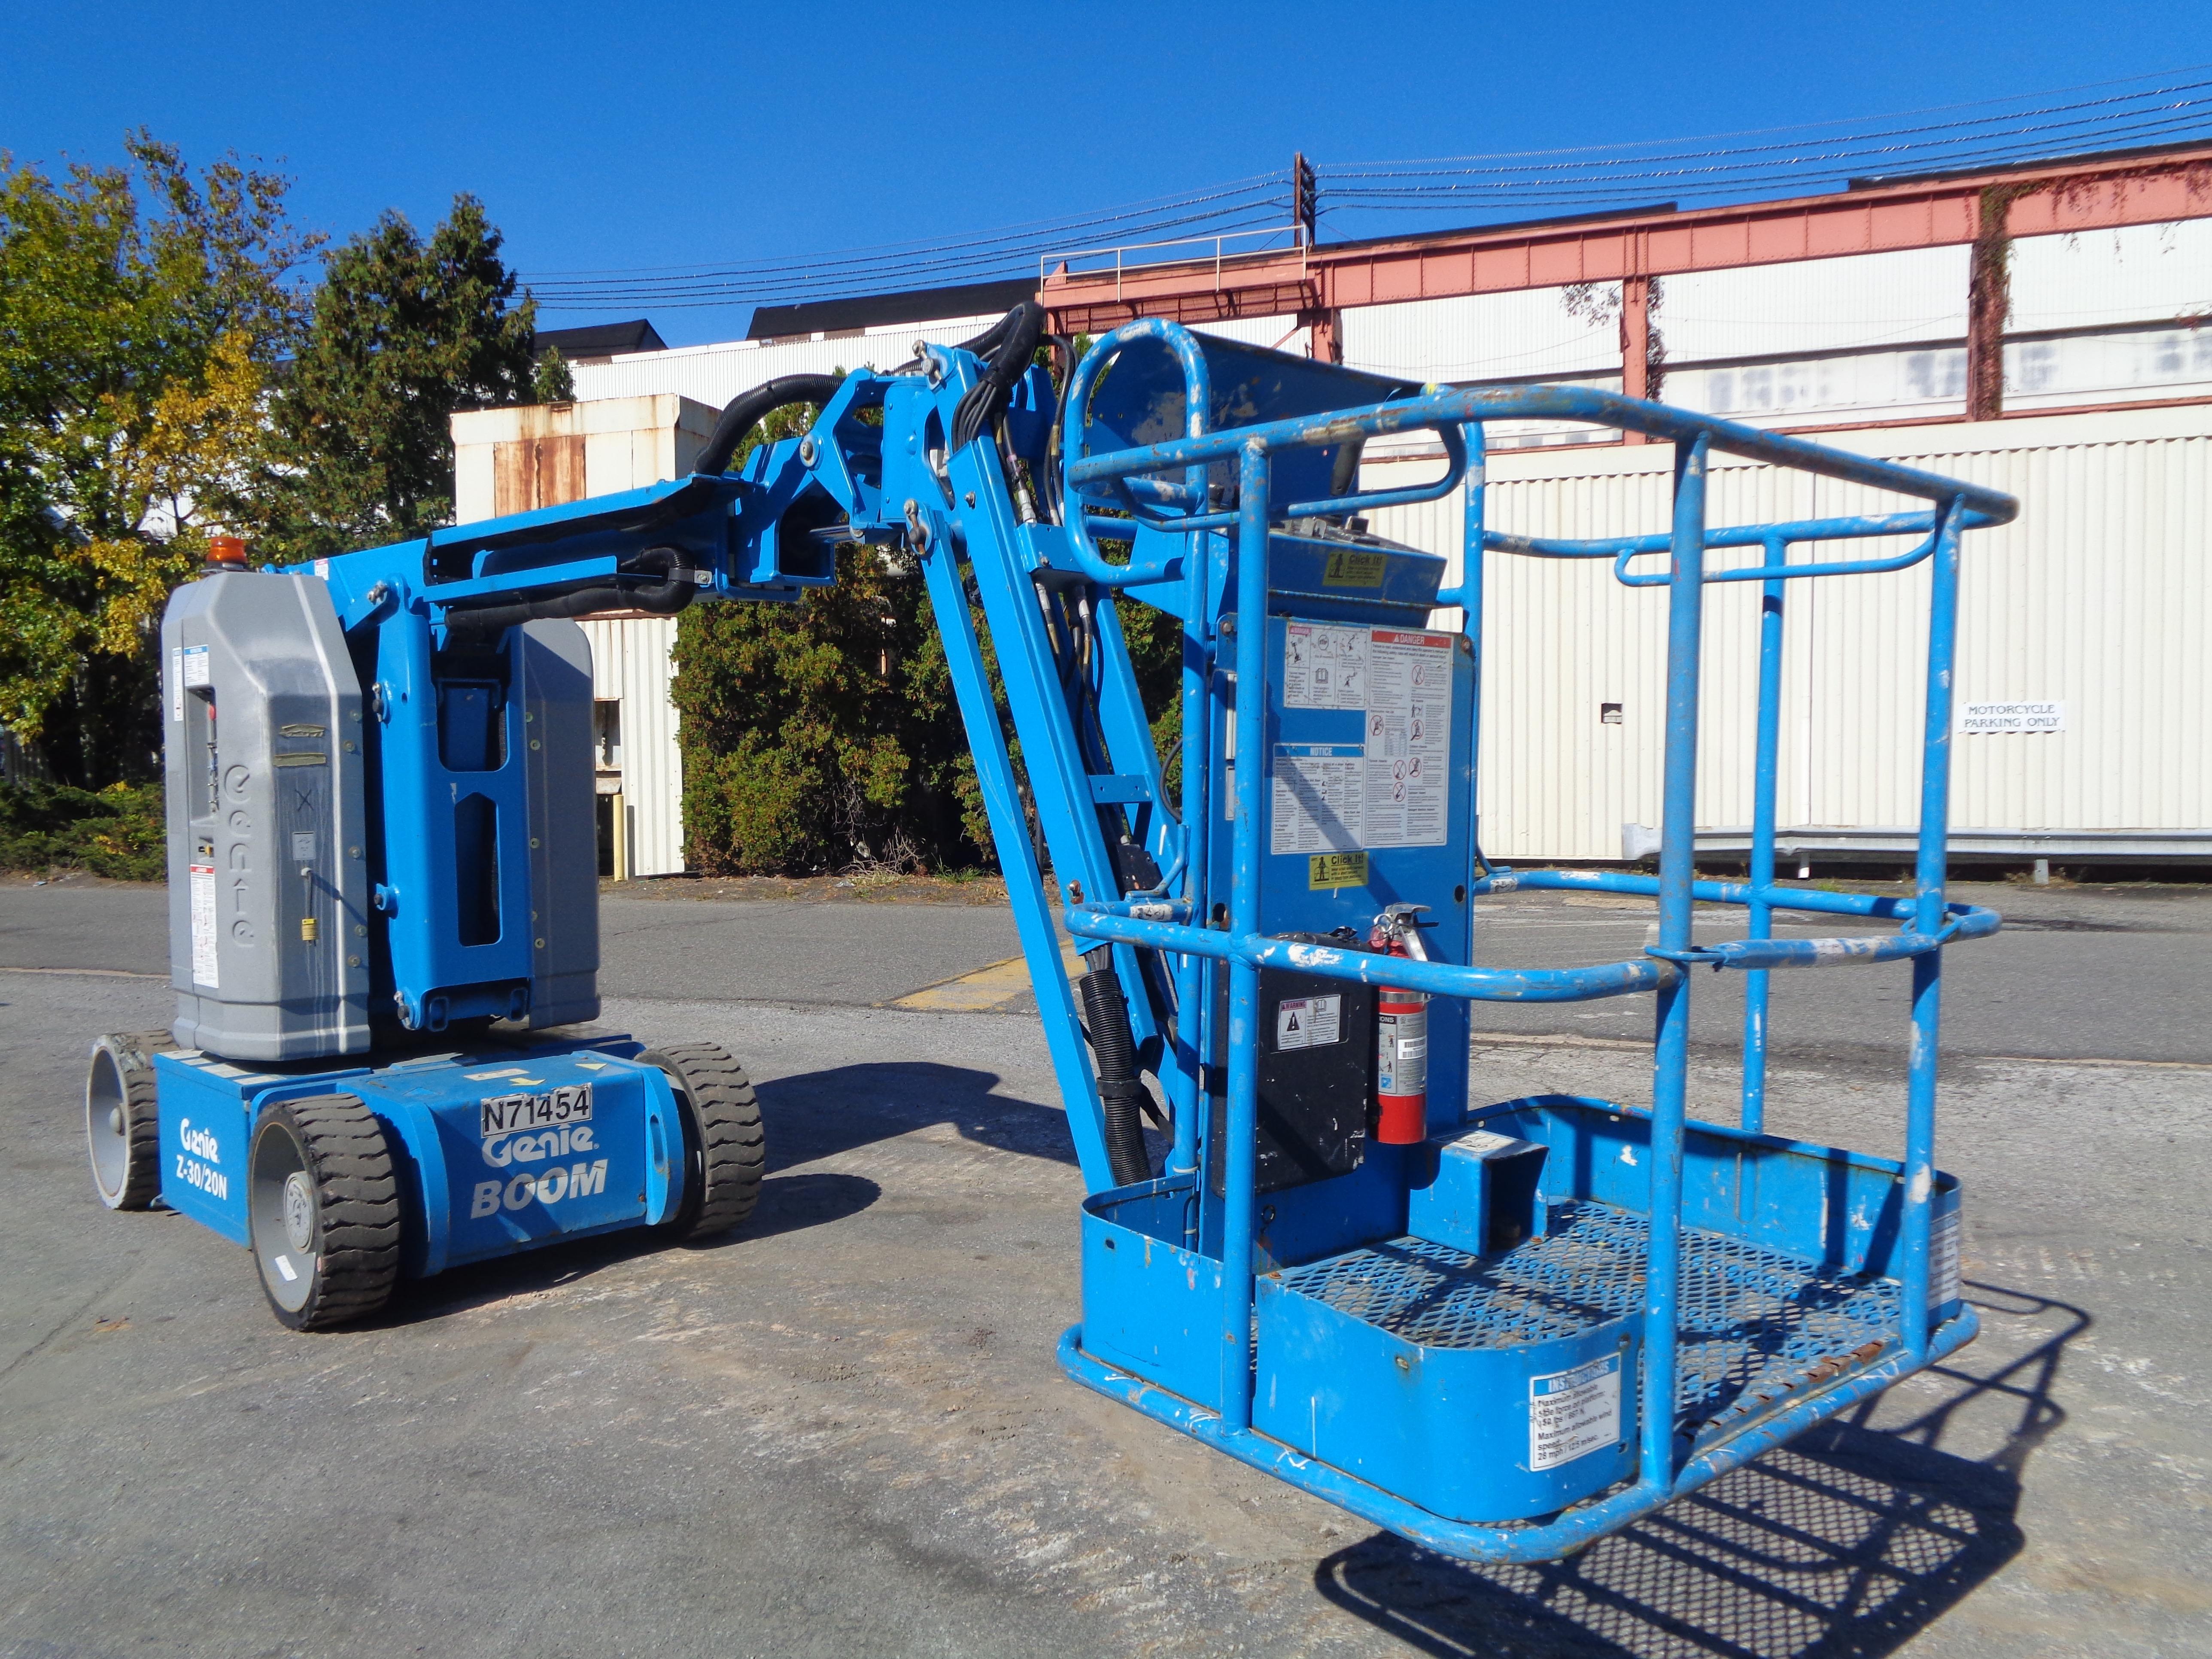 Lot 22 - 2011 Genie Z30/20N RJ Boom Lift